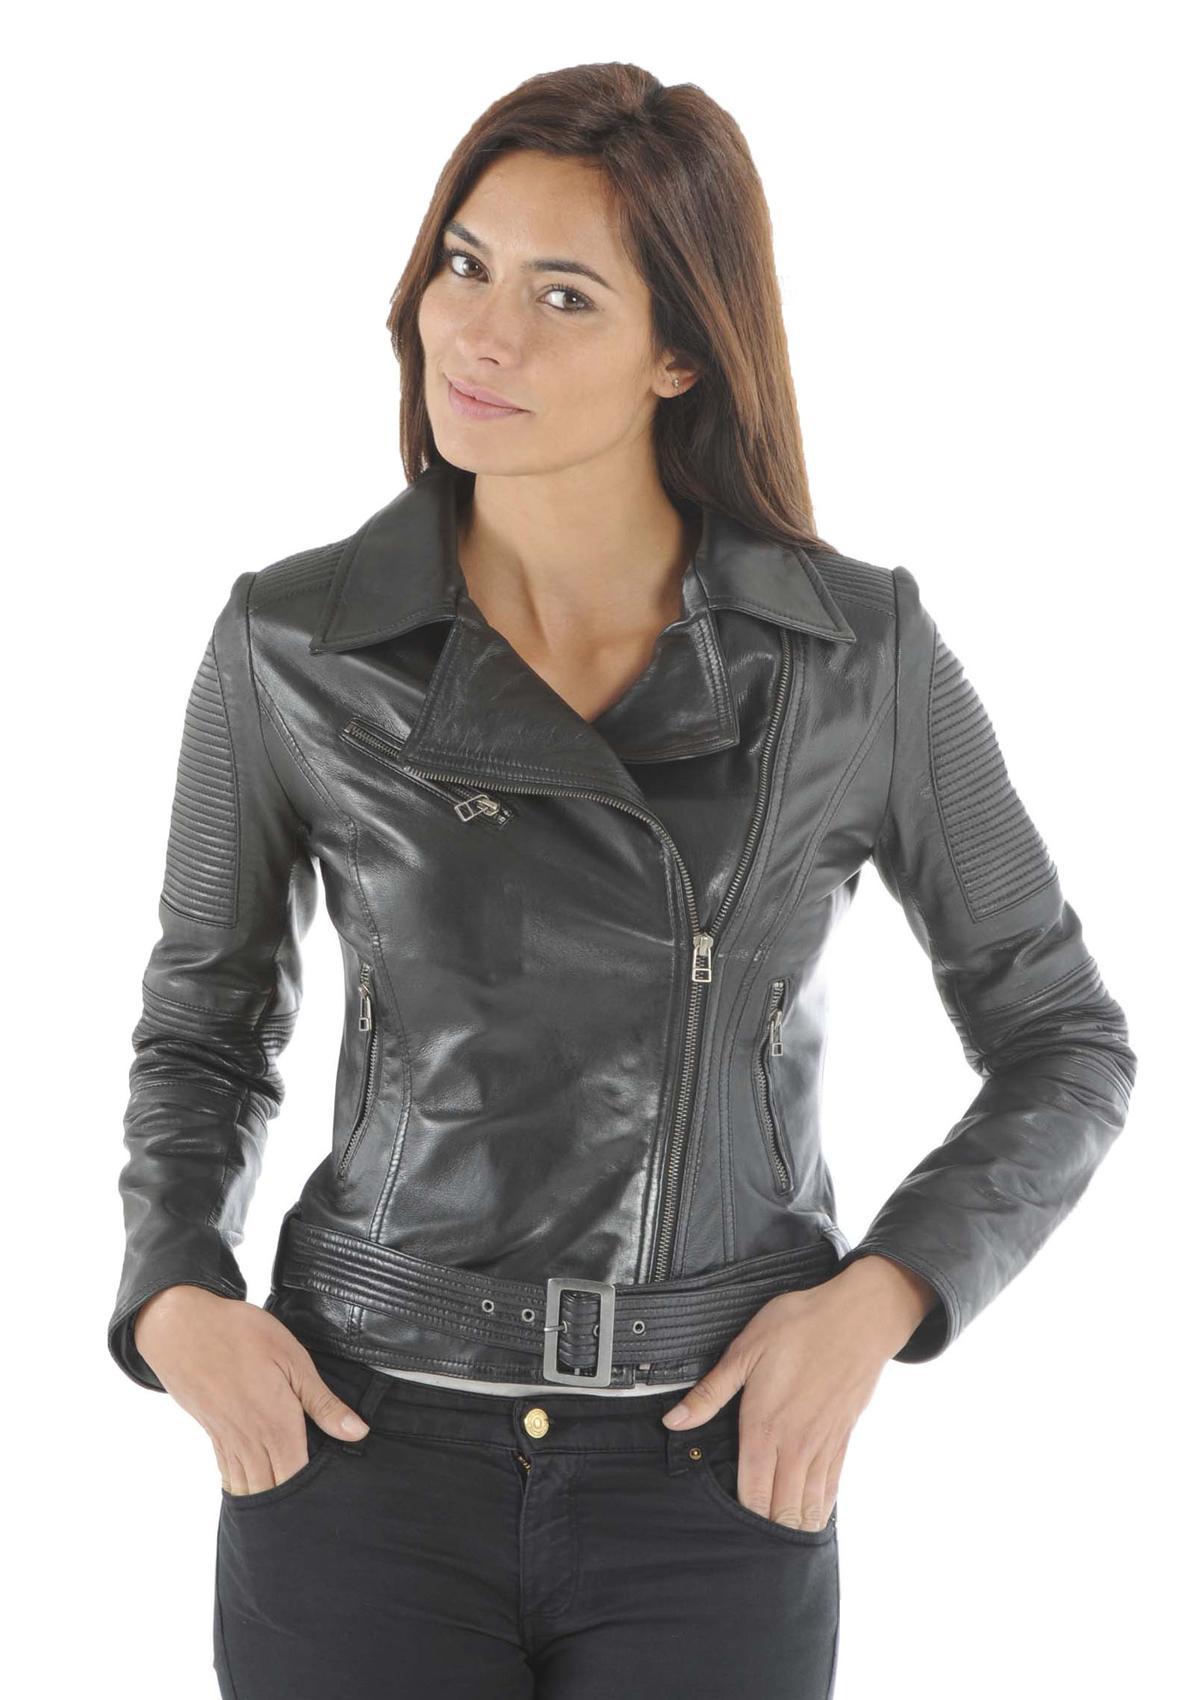 veste en cuir femme tous les blousons adopter en cette saison. Black Bedroom Furniture Sets. Home Design Ideas